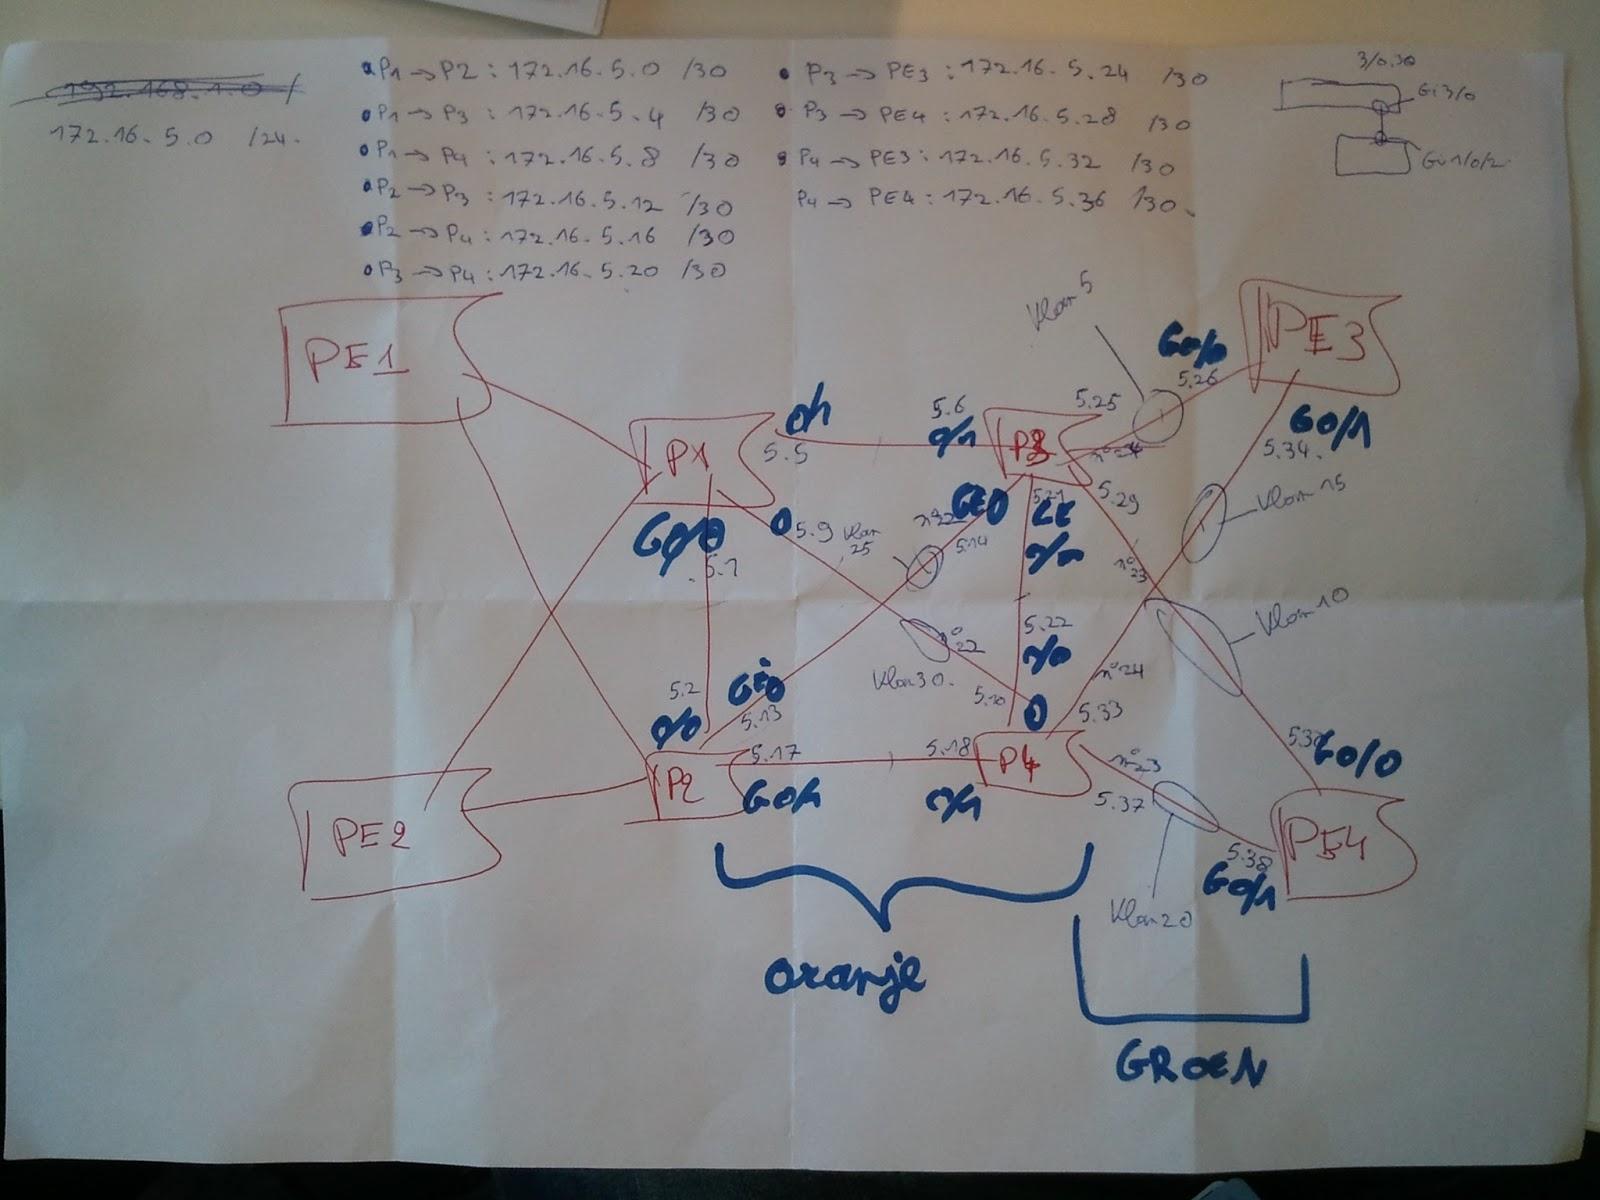 welk netwerk heeft simpel